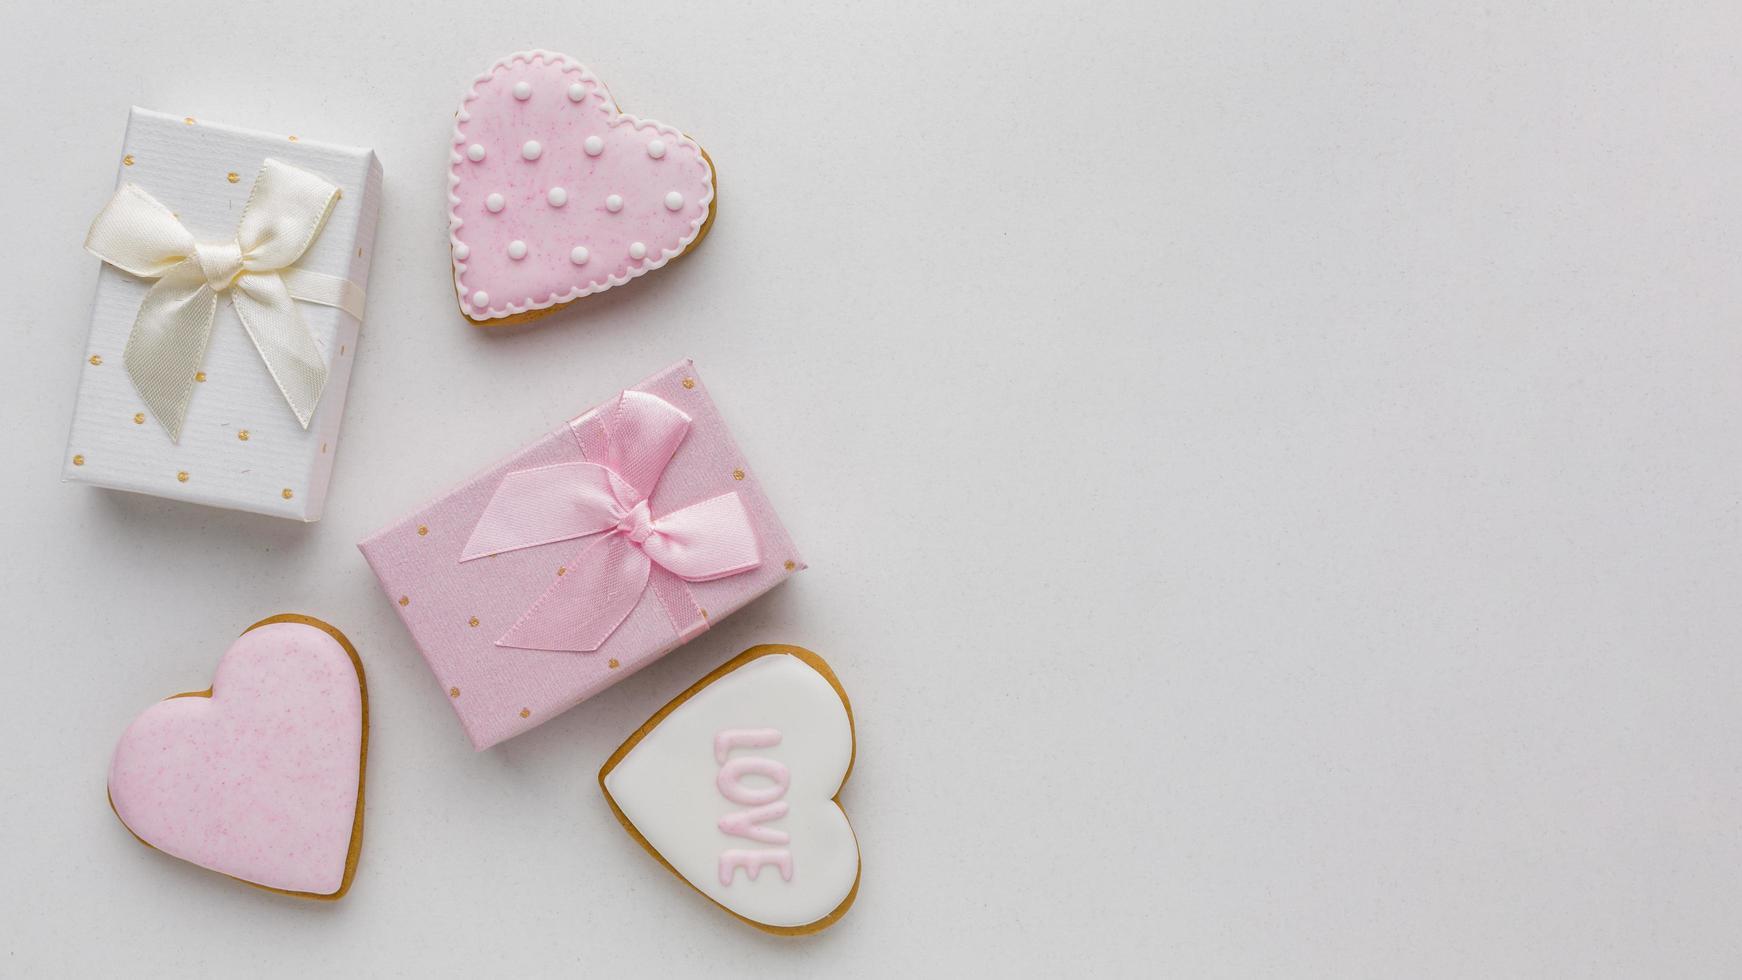 Valentijnsdag koekjes en cadeautjes foto